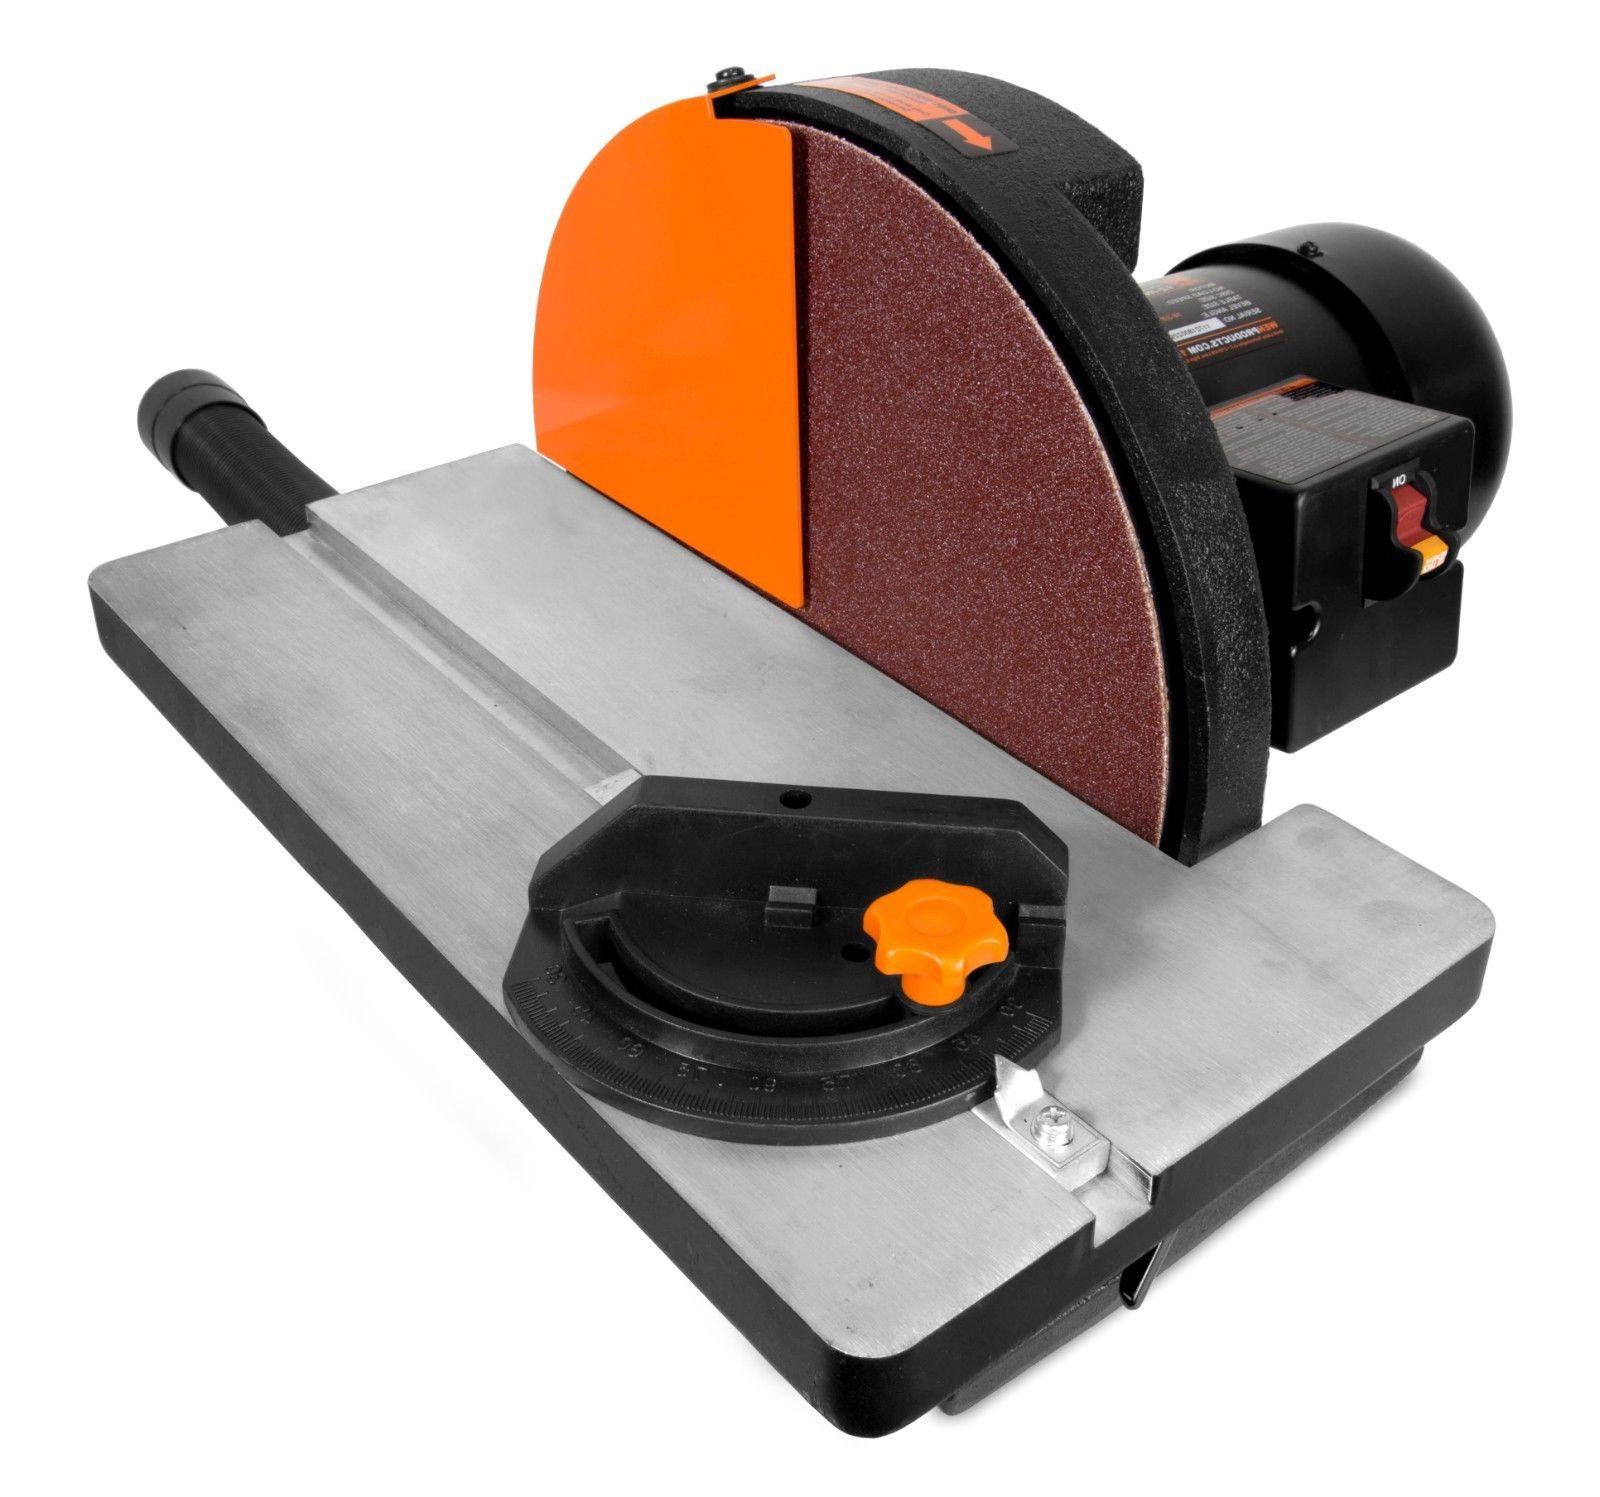 WEN 65812 Disc Sander with Gauge Dust System